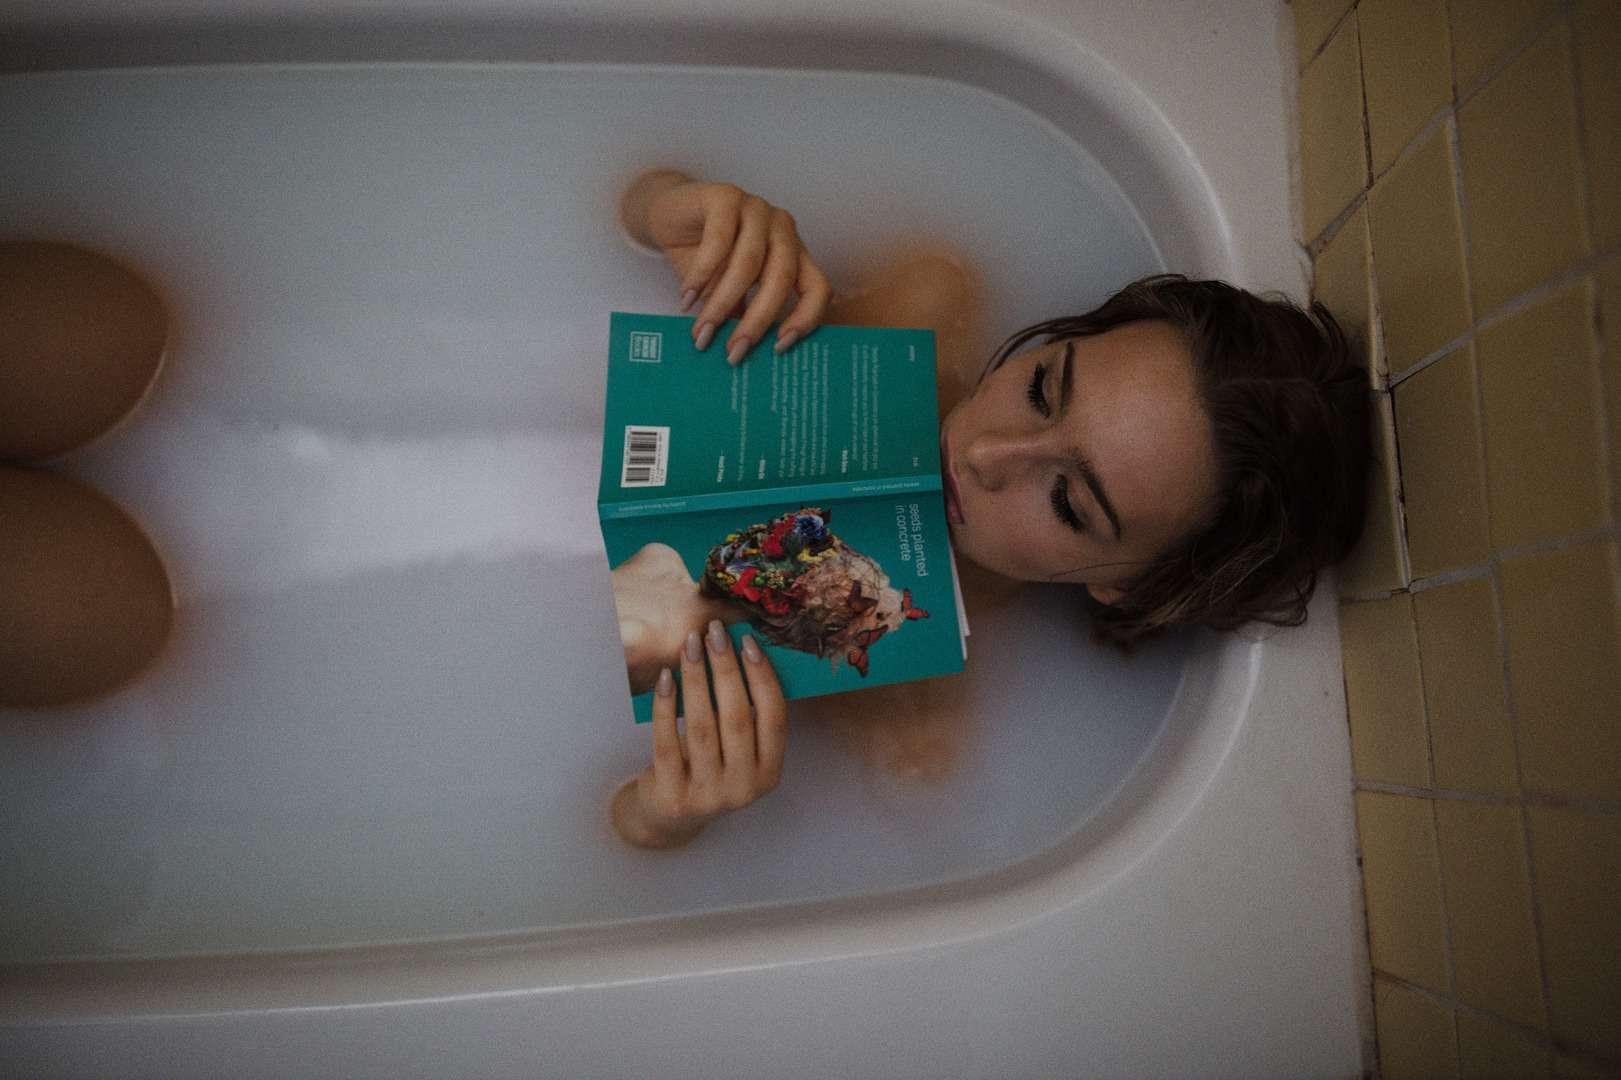 Soaking in bathtub